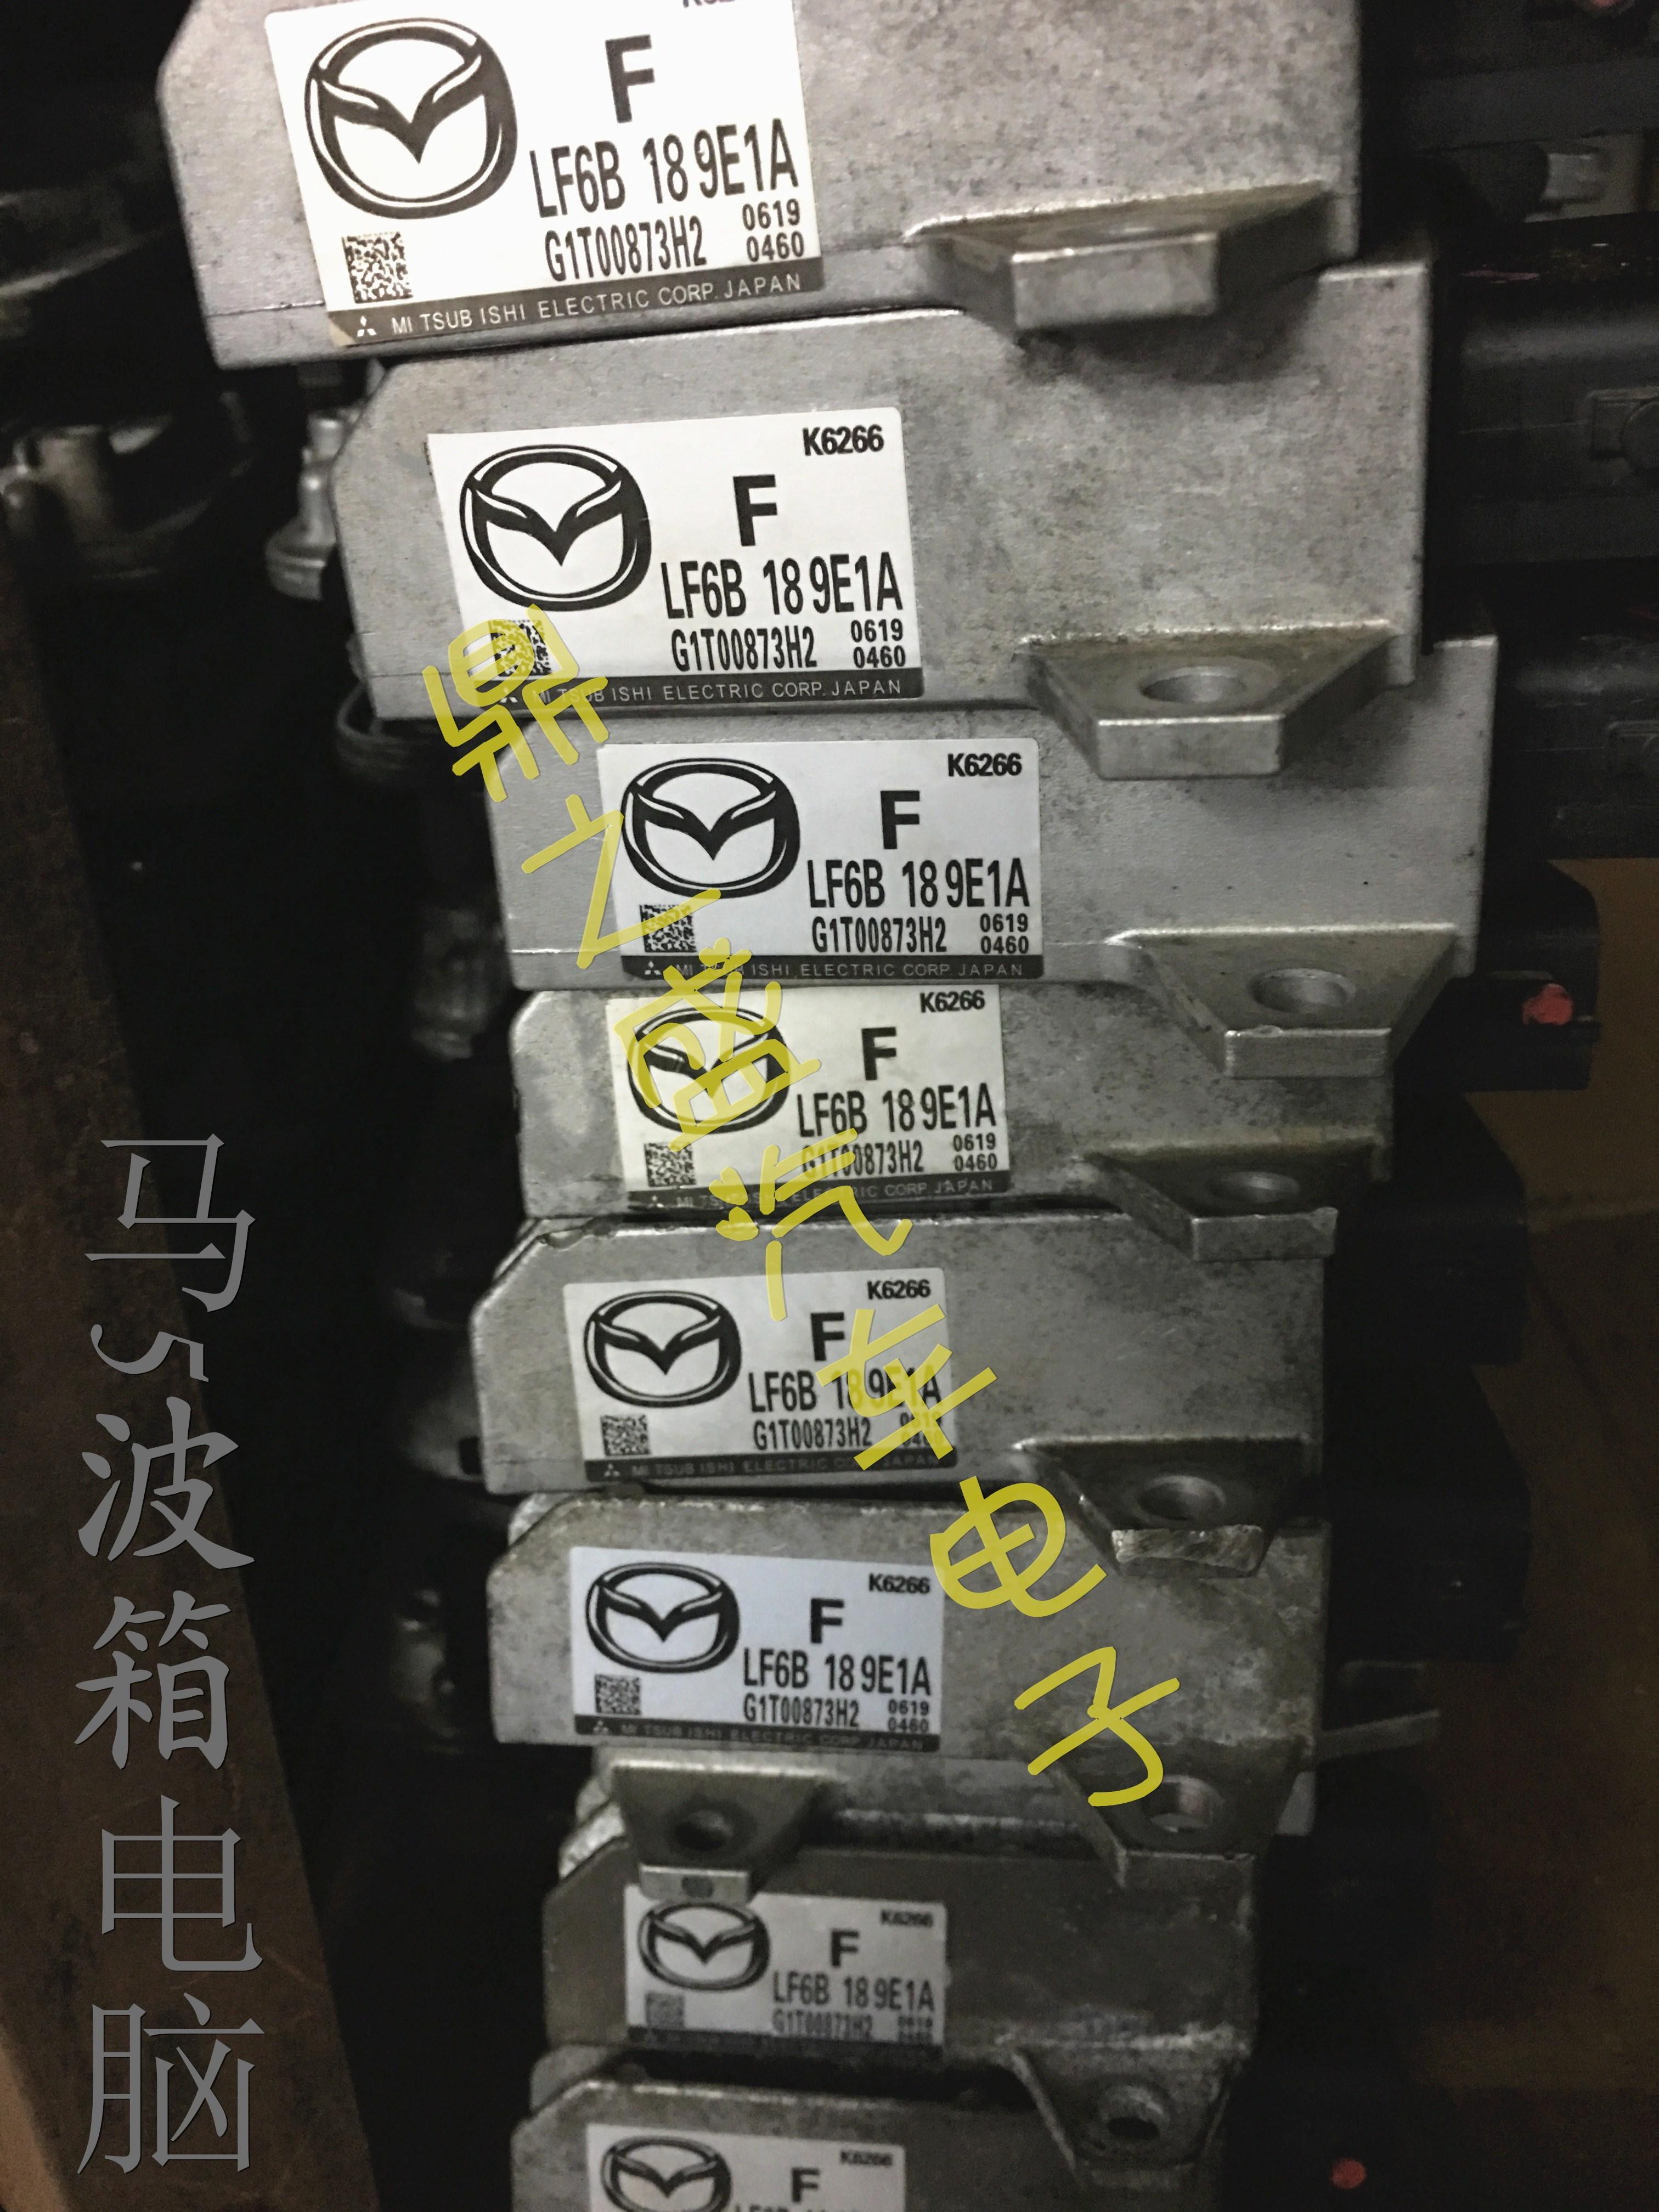 马自达5变速箱电脑 Mazda 5原装进口拆车波箱电脑板 LF6B189E1A